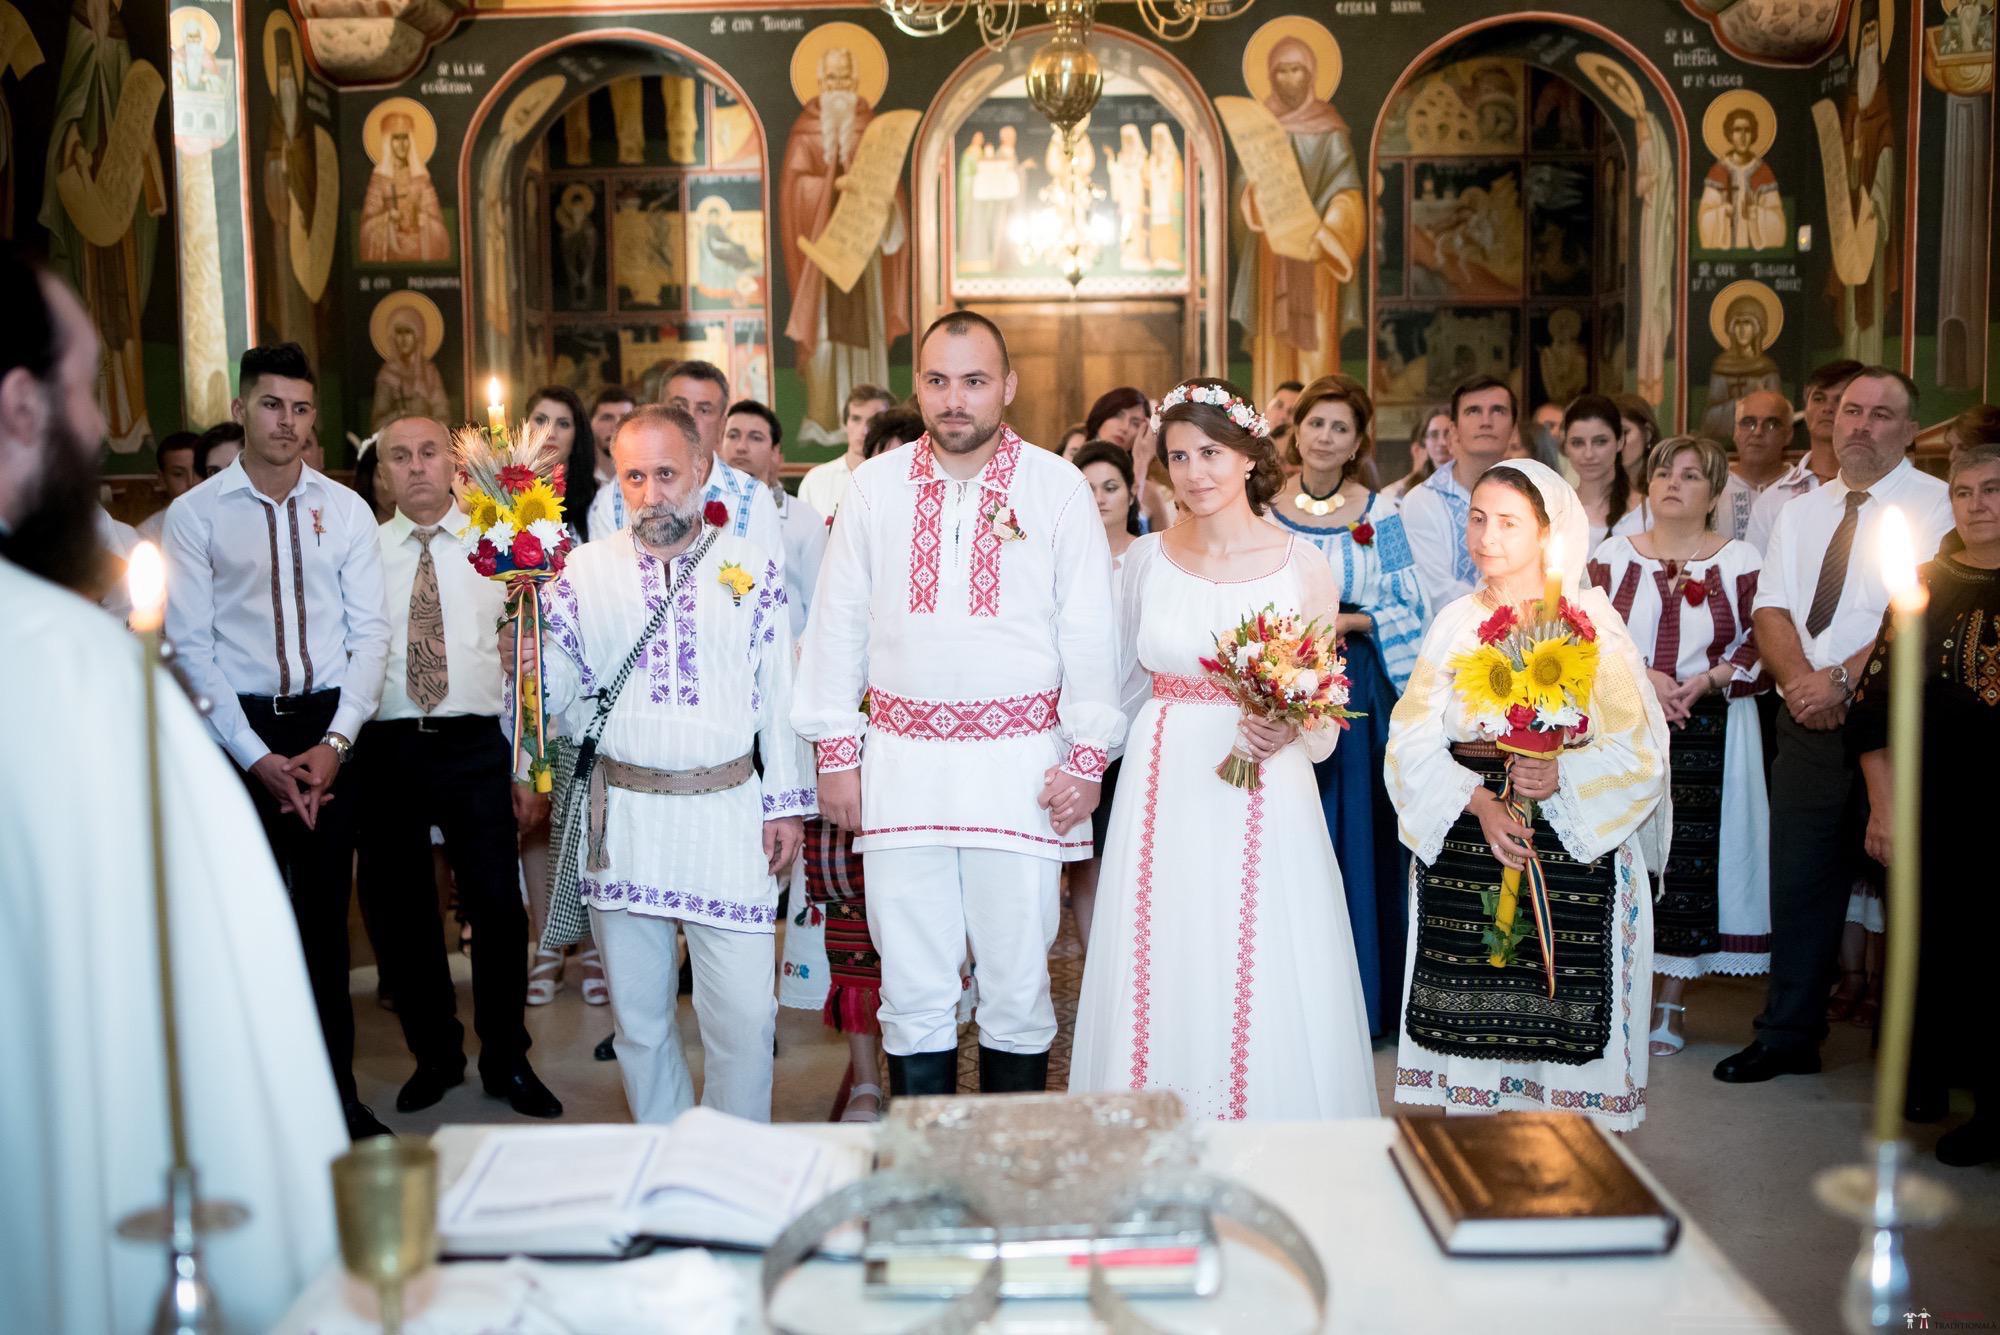 Povești Nunți Tradiționale - Oana și Silviu. Nuntă tradițional românească în București 12